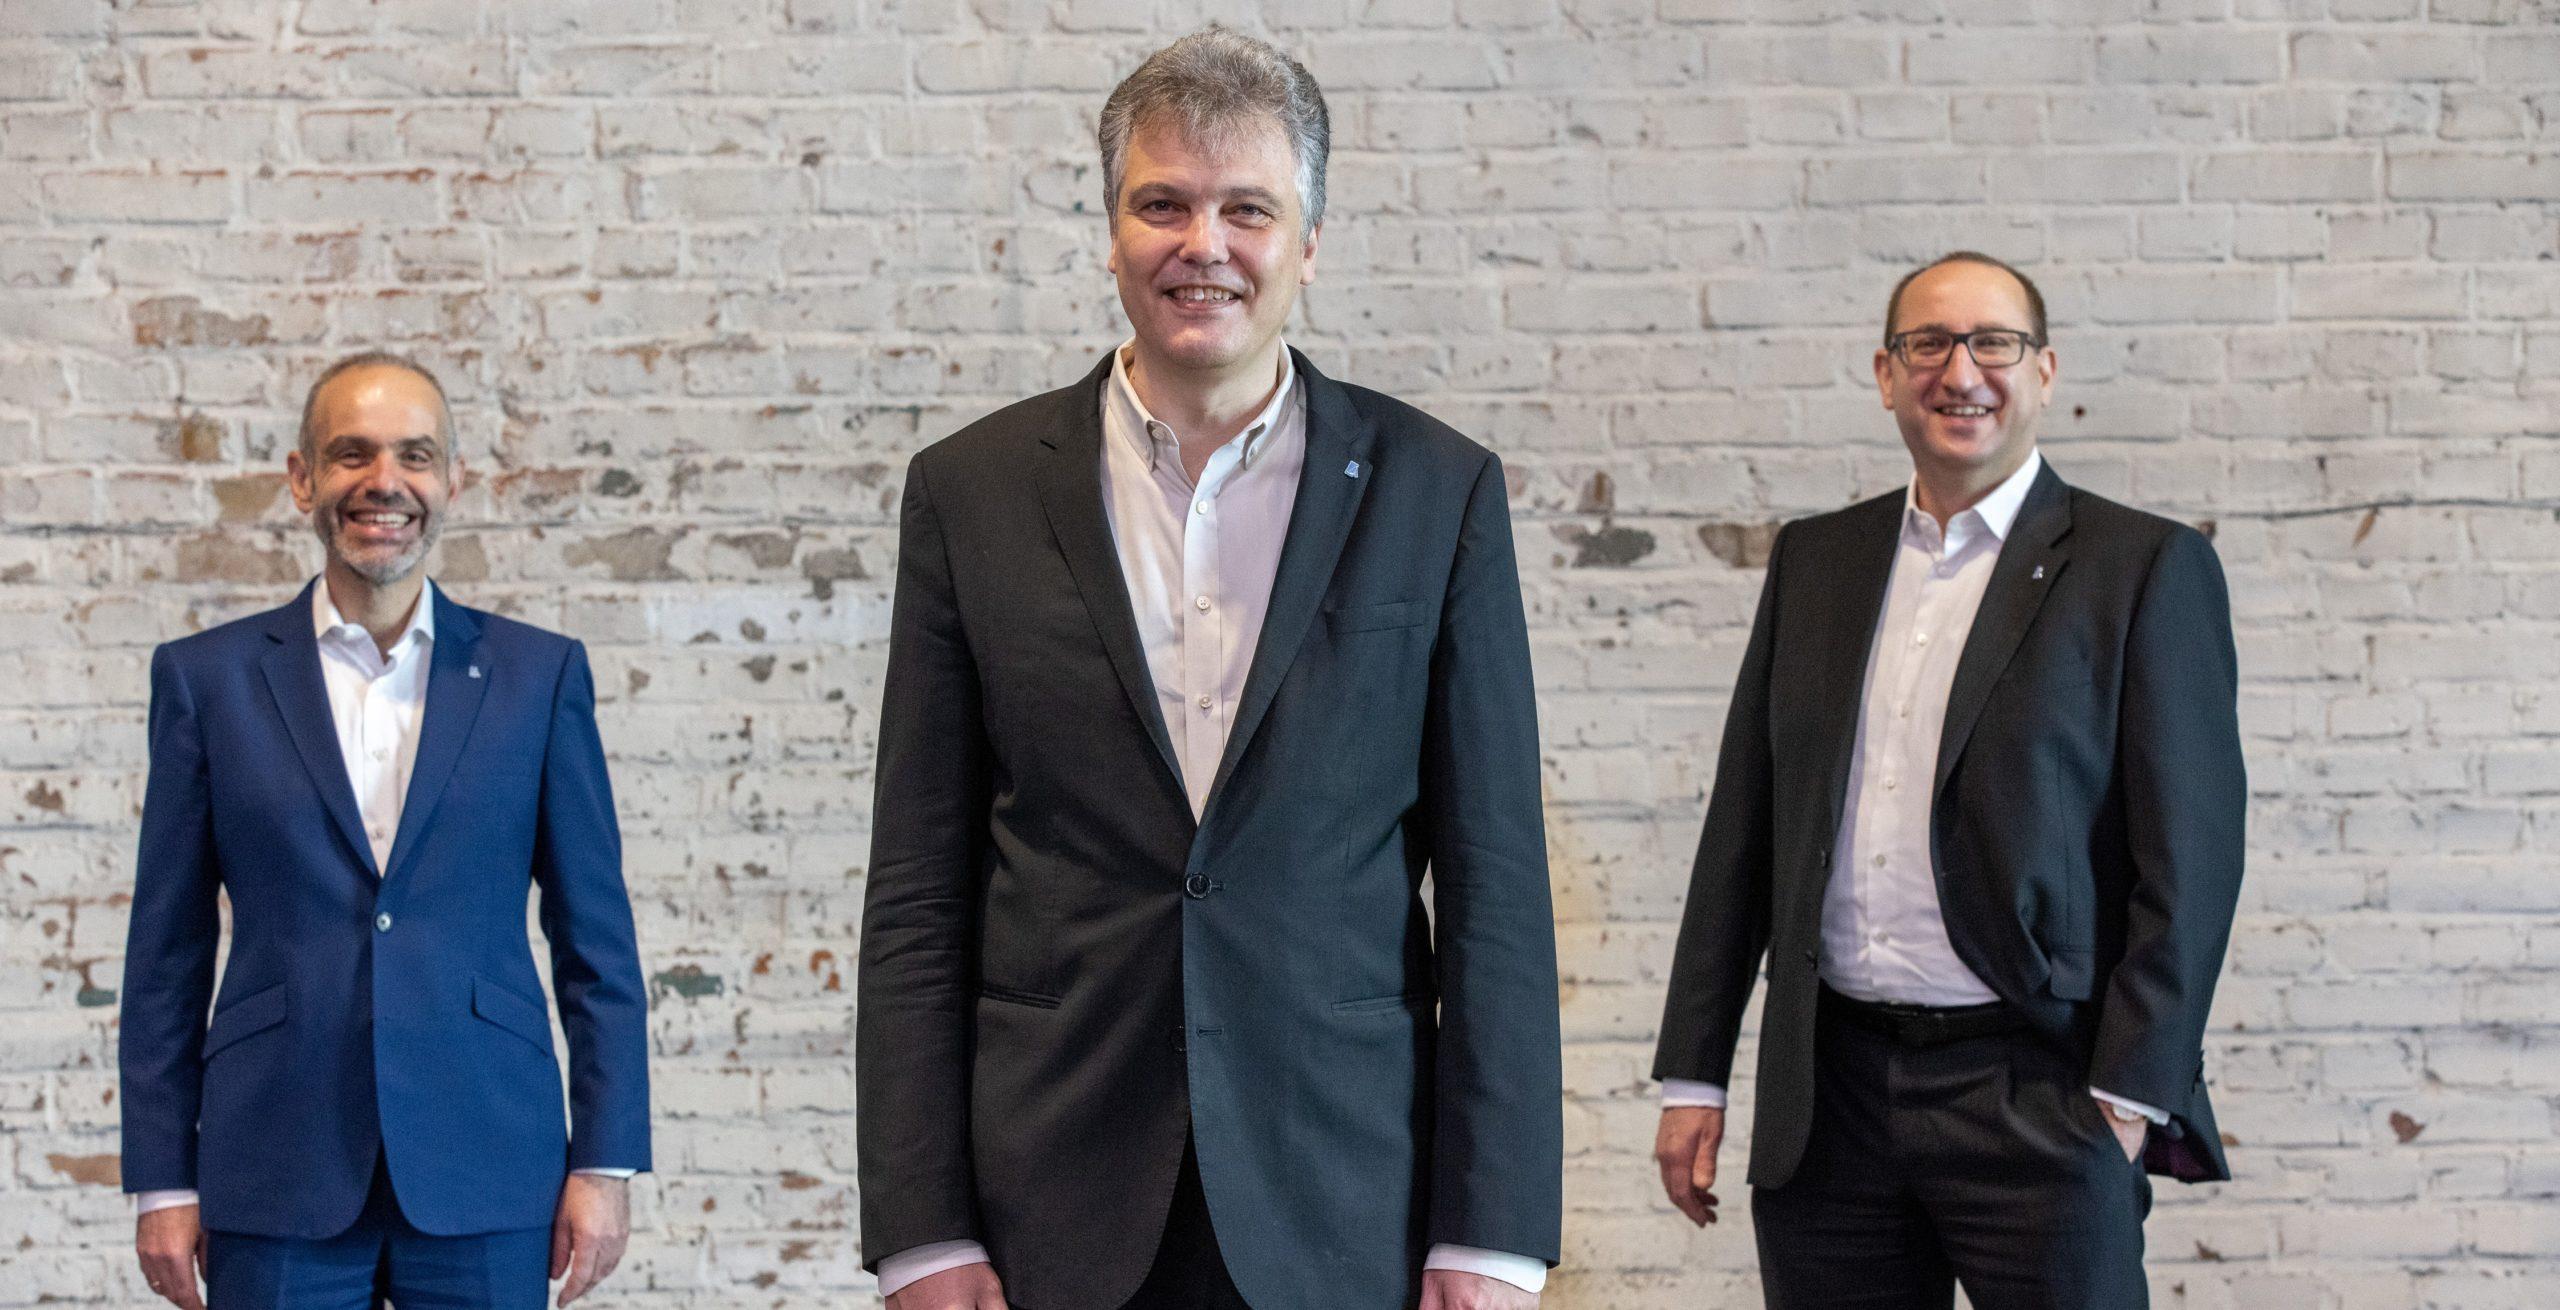 Der Vorstand der DAV besteht aus dem Vorsitzenden Dr. Herbert Schneidemann (Mitte), dem stellvertretenden Vorstandsvorsitzenden Dr. Maximilian Happacher (links) und dem unmittelbar vorangegangenen Vorsitzenden Dr. Guido Bader (rechts).